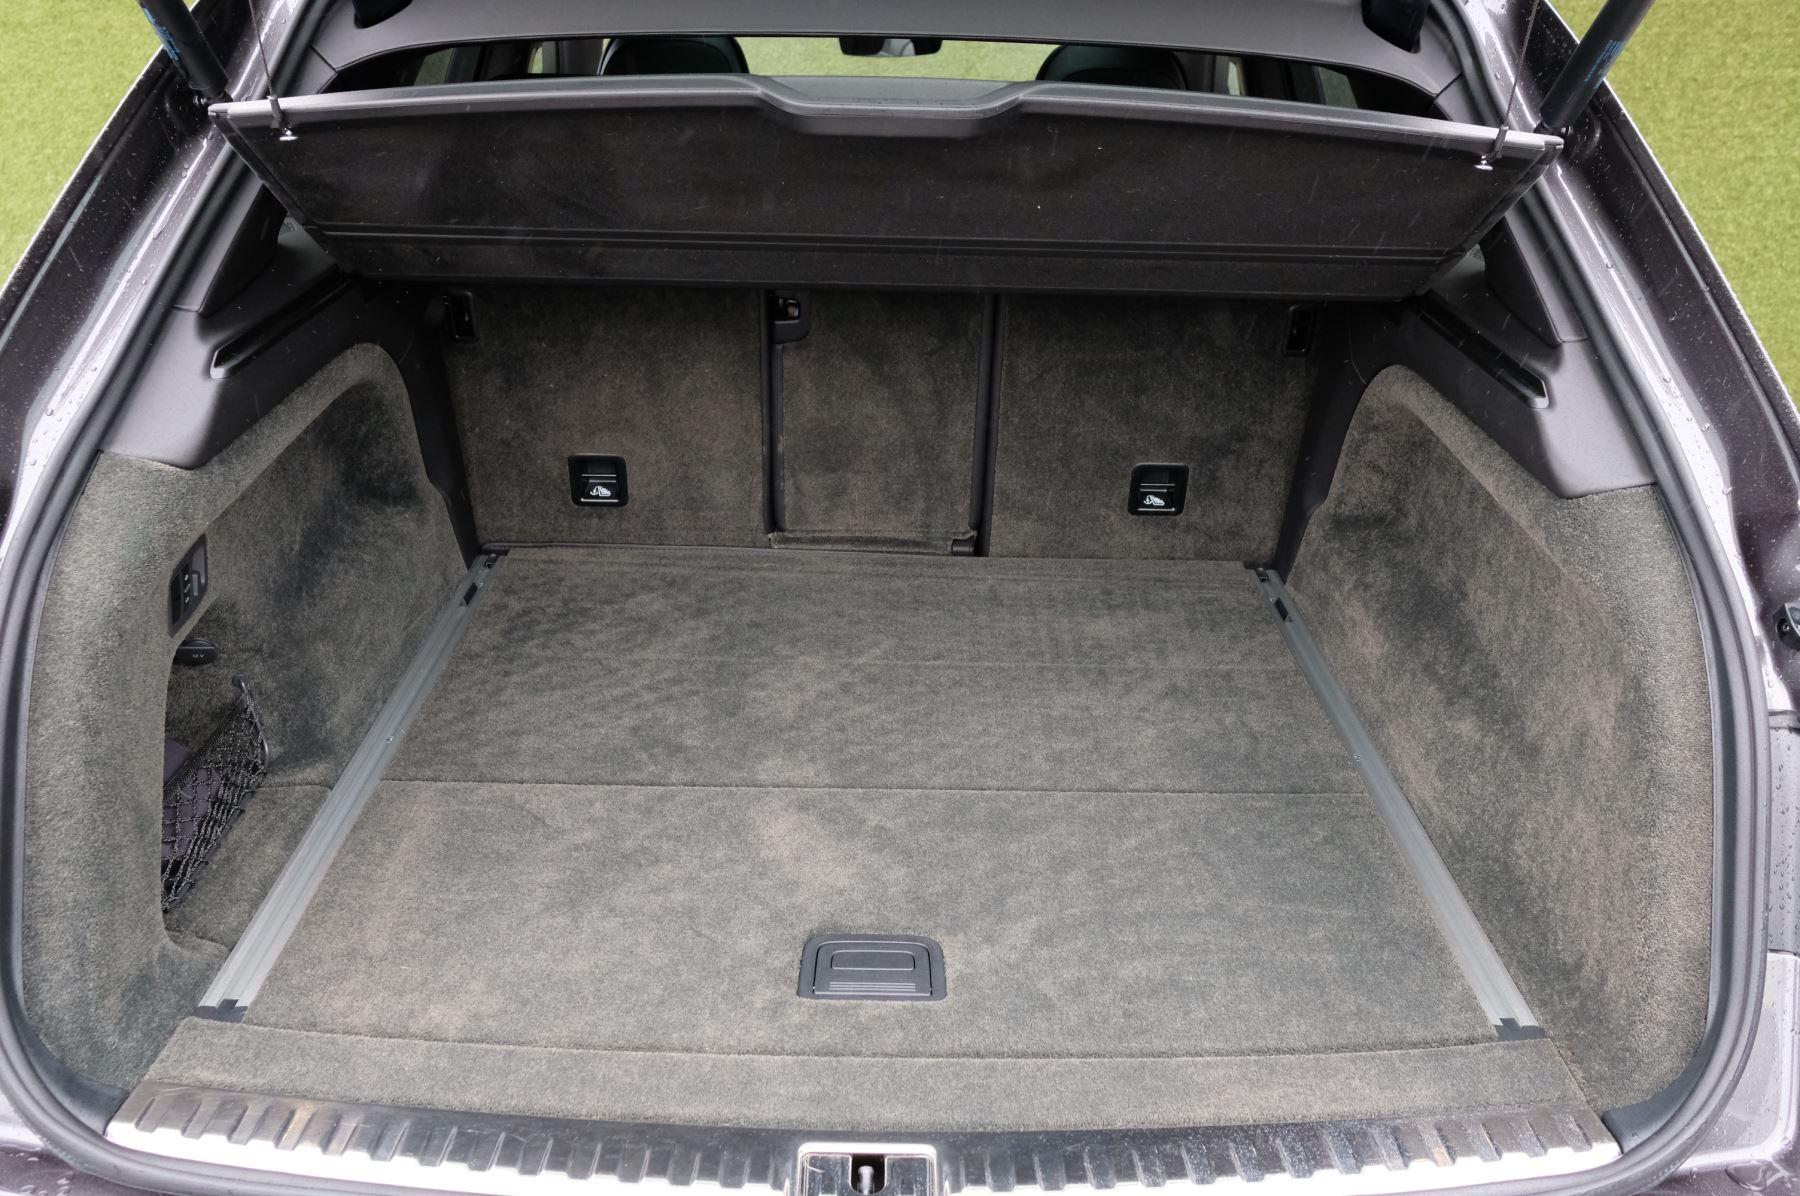 Bentley Bentayga 4.0 V8 5dr - Mulliner Driving Specification image 9